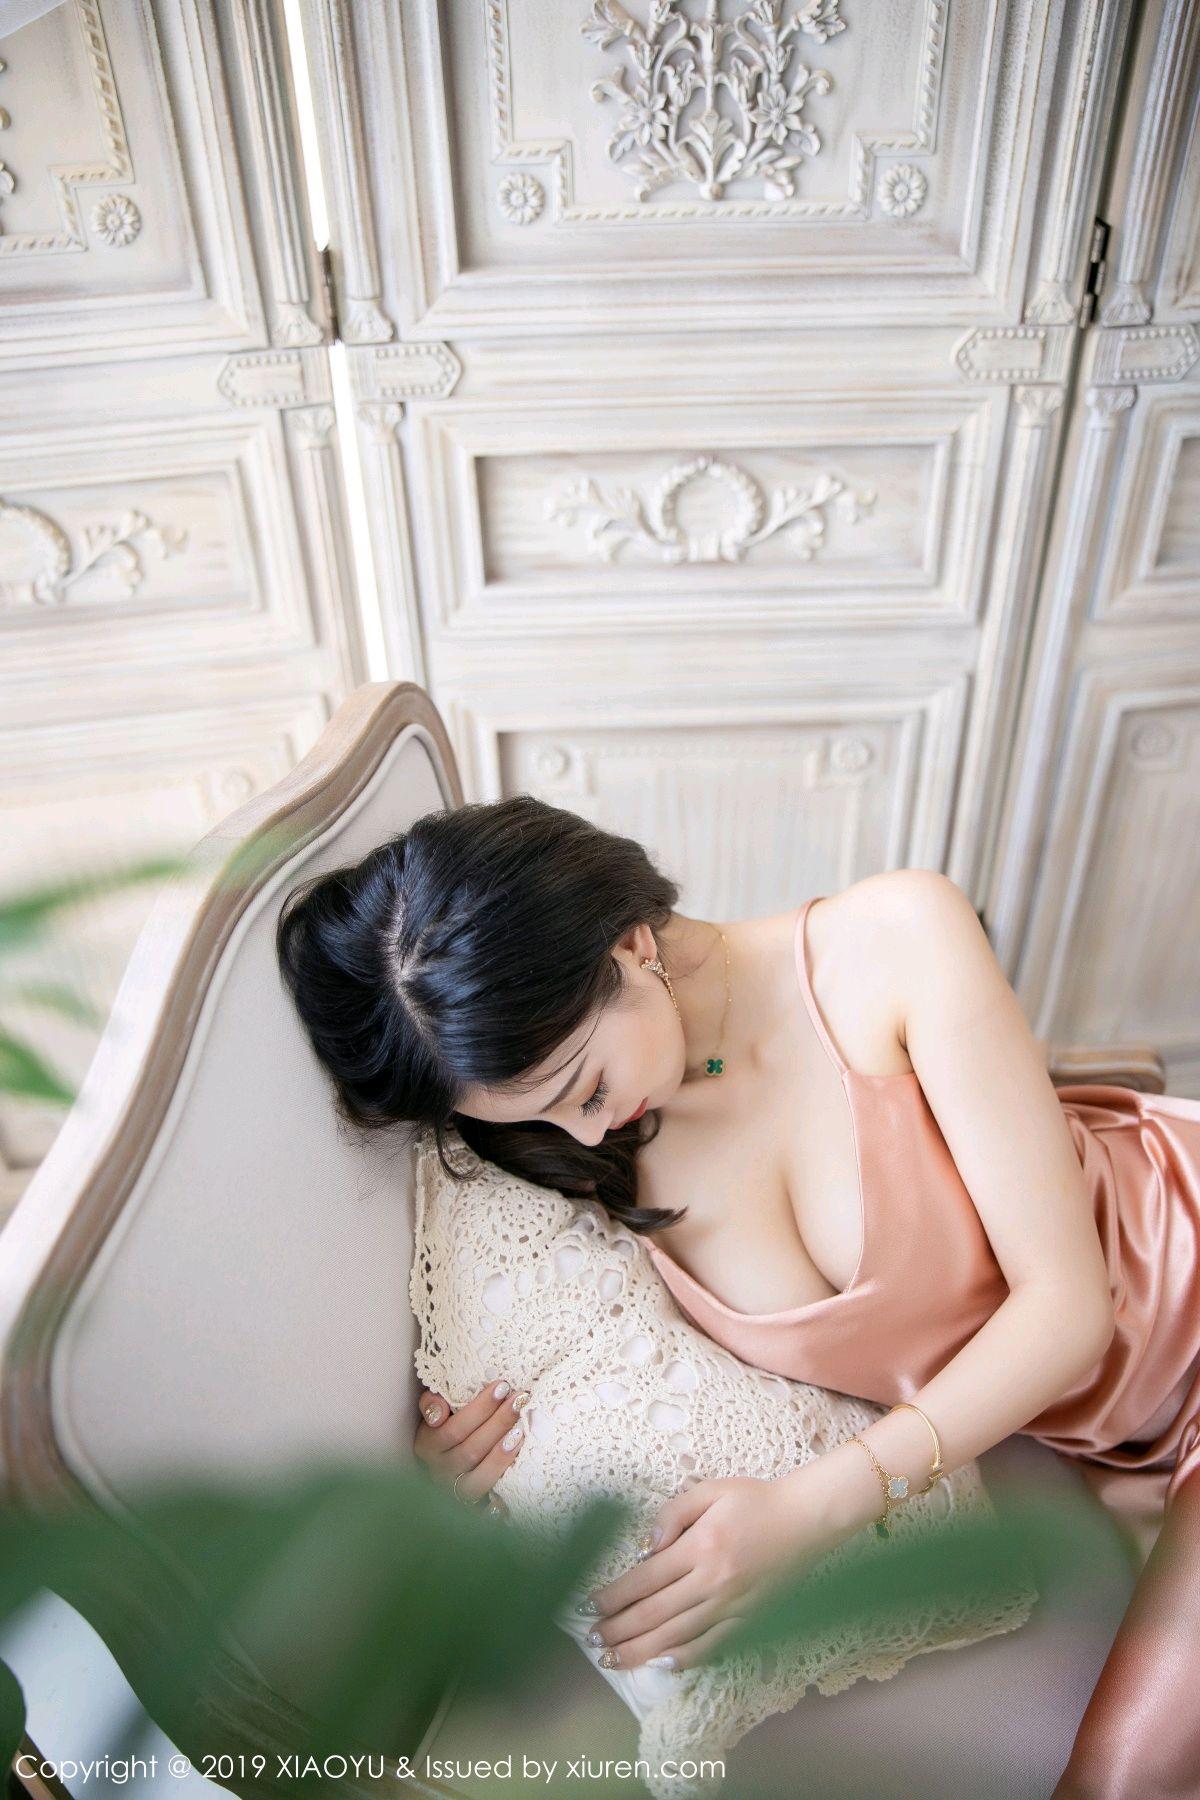 [XiaoYu] Vol.143 Yang Chen Chen 6P, Underwear, XiaoYu, Yang Chen Chen